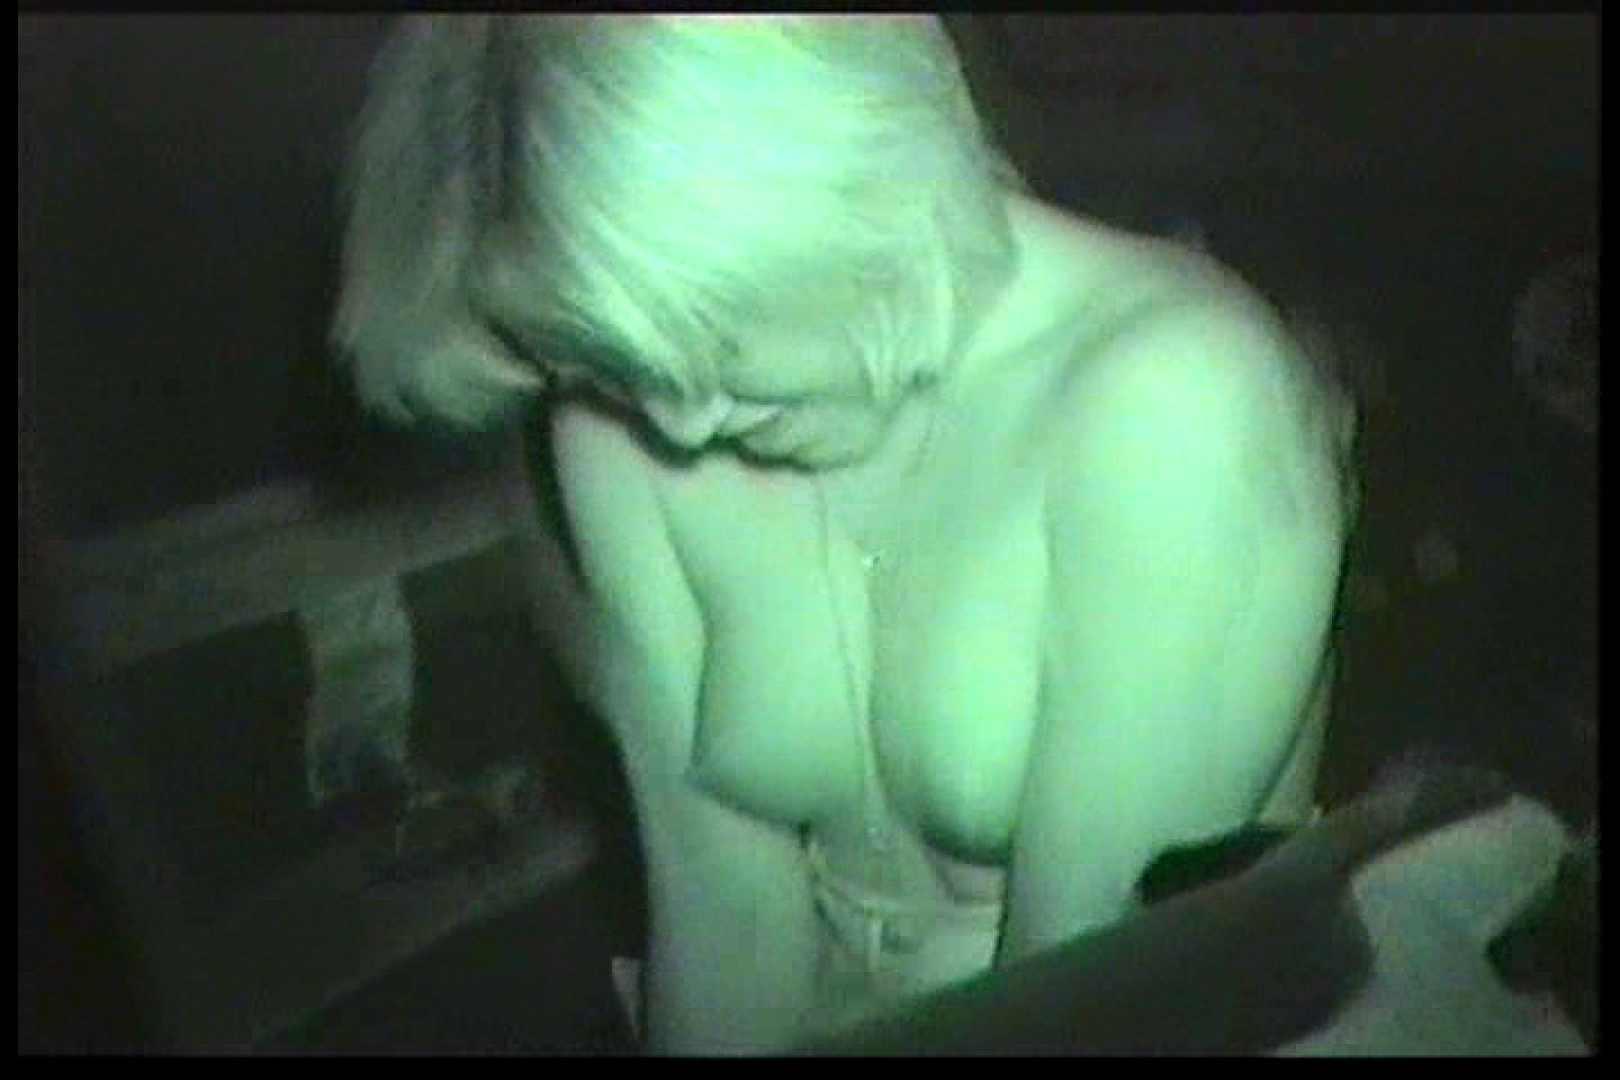 カーセックス未編集・無修正版 Vol.8後編 カーセックス セックス画像 100pic 94